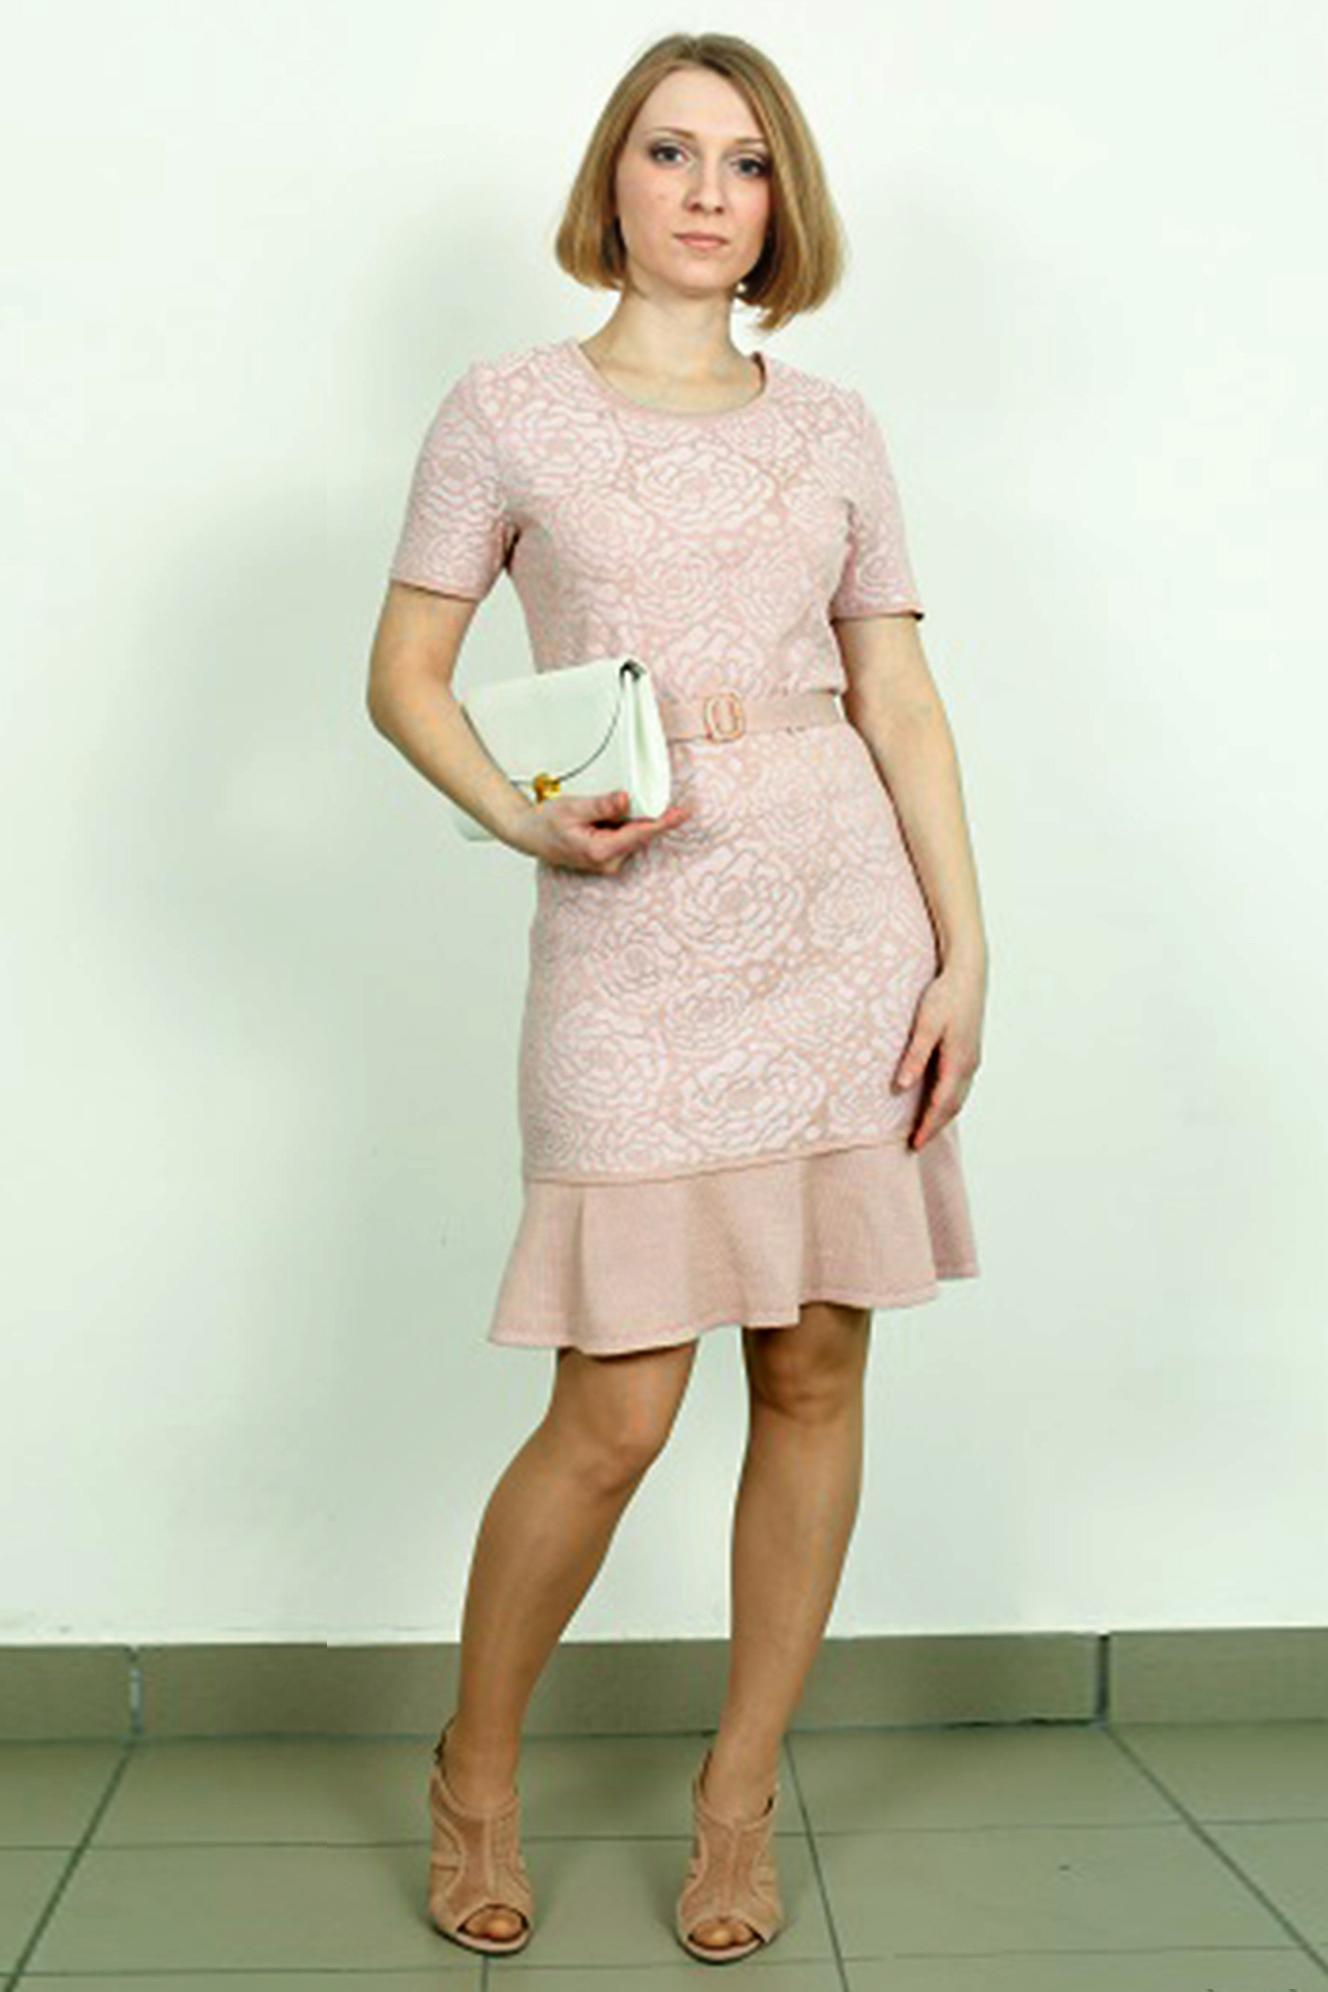 ПлатьеПлатья<br>Романтичное платье с круглой горловиной и короткими рукавами. Вязаный трикотаж - это красота, тепло и комфорт. В вязаных вещах очень легко оставаться женственной и в то же время не замёрзнуть.  В изделии использованы цвета: бледно-розовый  Ростовка изделия 170 см.<br><br>Горловина: С- горловина<br>По длине: До колена<br>По материалу: Вязаные,Трикотаж<br>По рисунку: Однотонные,Растительные мотивы,Цветочные<br>По силуэту: Приталенные<br>По стилю: Повседневный стиль,Романтический стиль<br>По форме: Платье - футляр<br>По элементам: С воланами и рюшами<br>Рукав: Короткий рукав<br>По сезону: Лето<br>Размер : 42<br>Материал: Вязаное полотно<br>Количество в наличии: 1